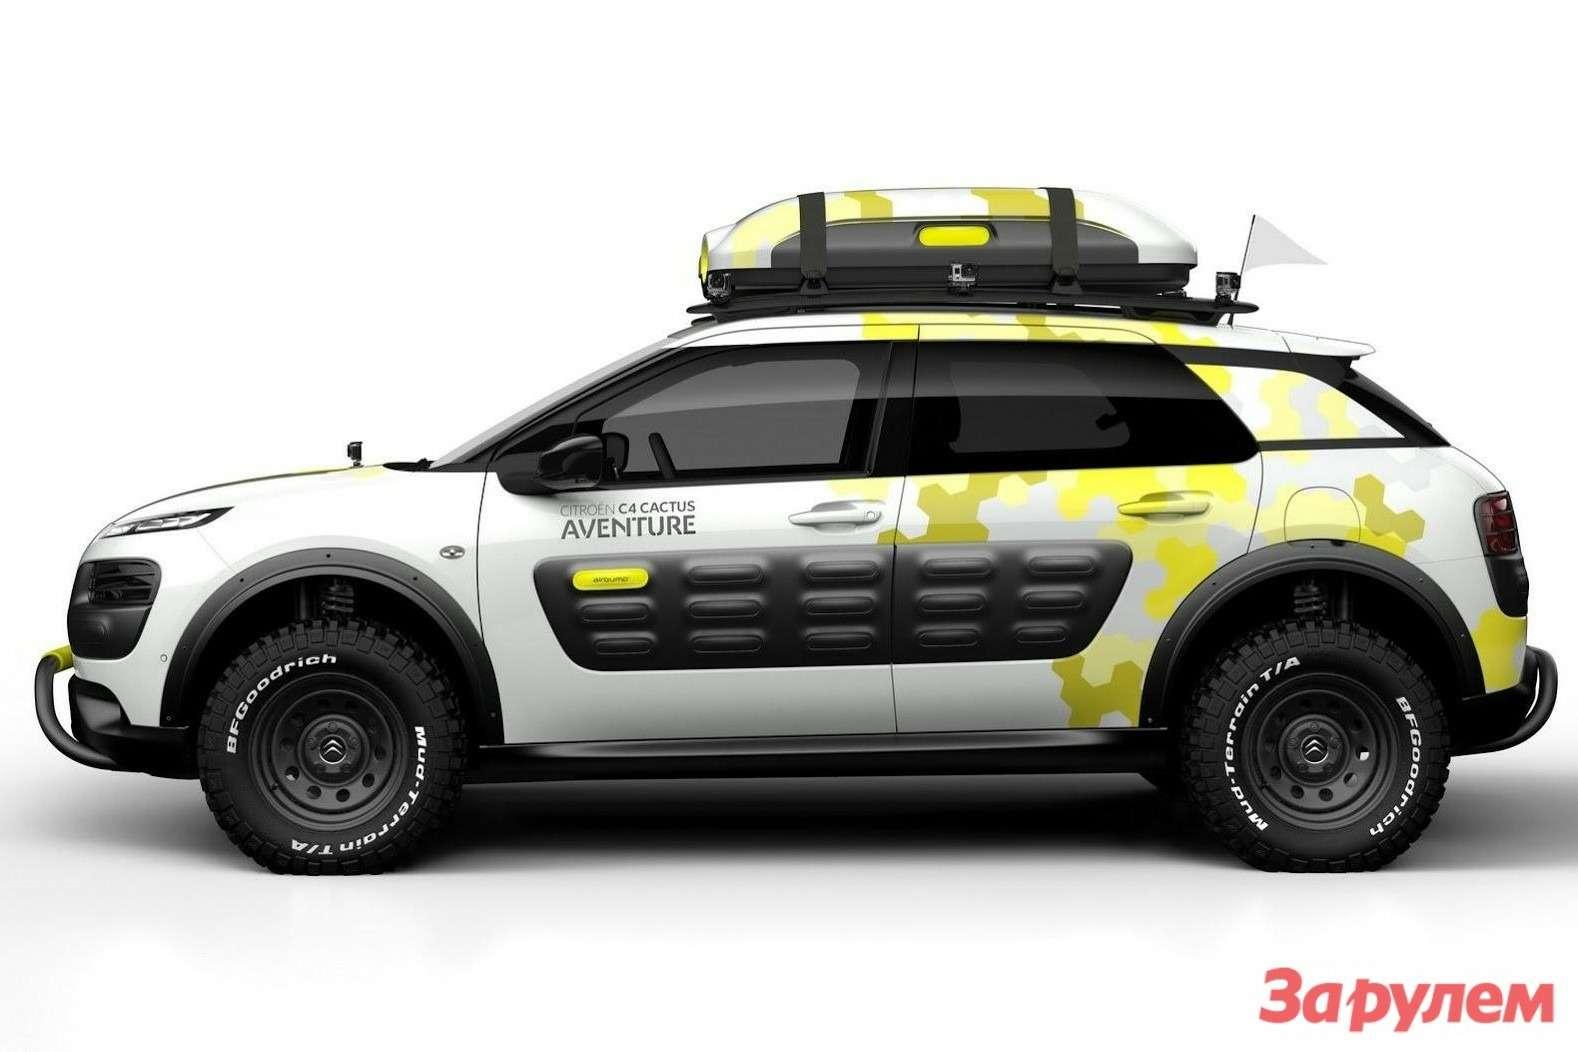 Citroen C4Cactus Aventure Concept